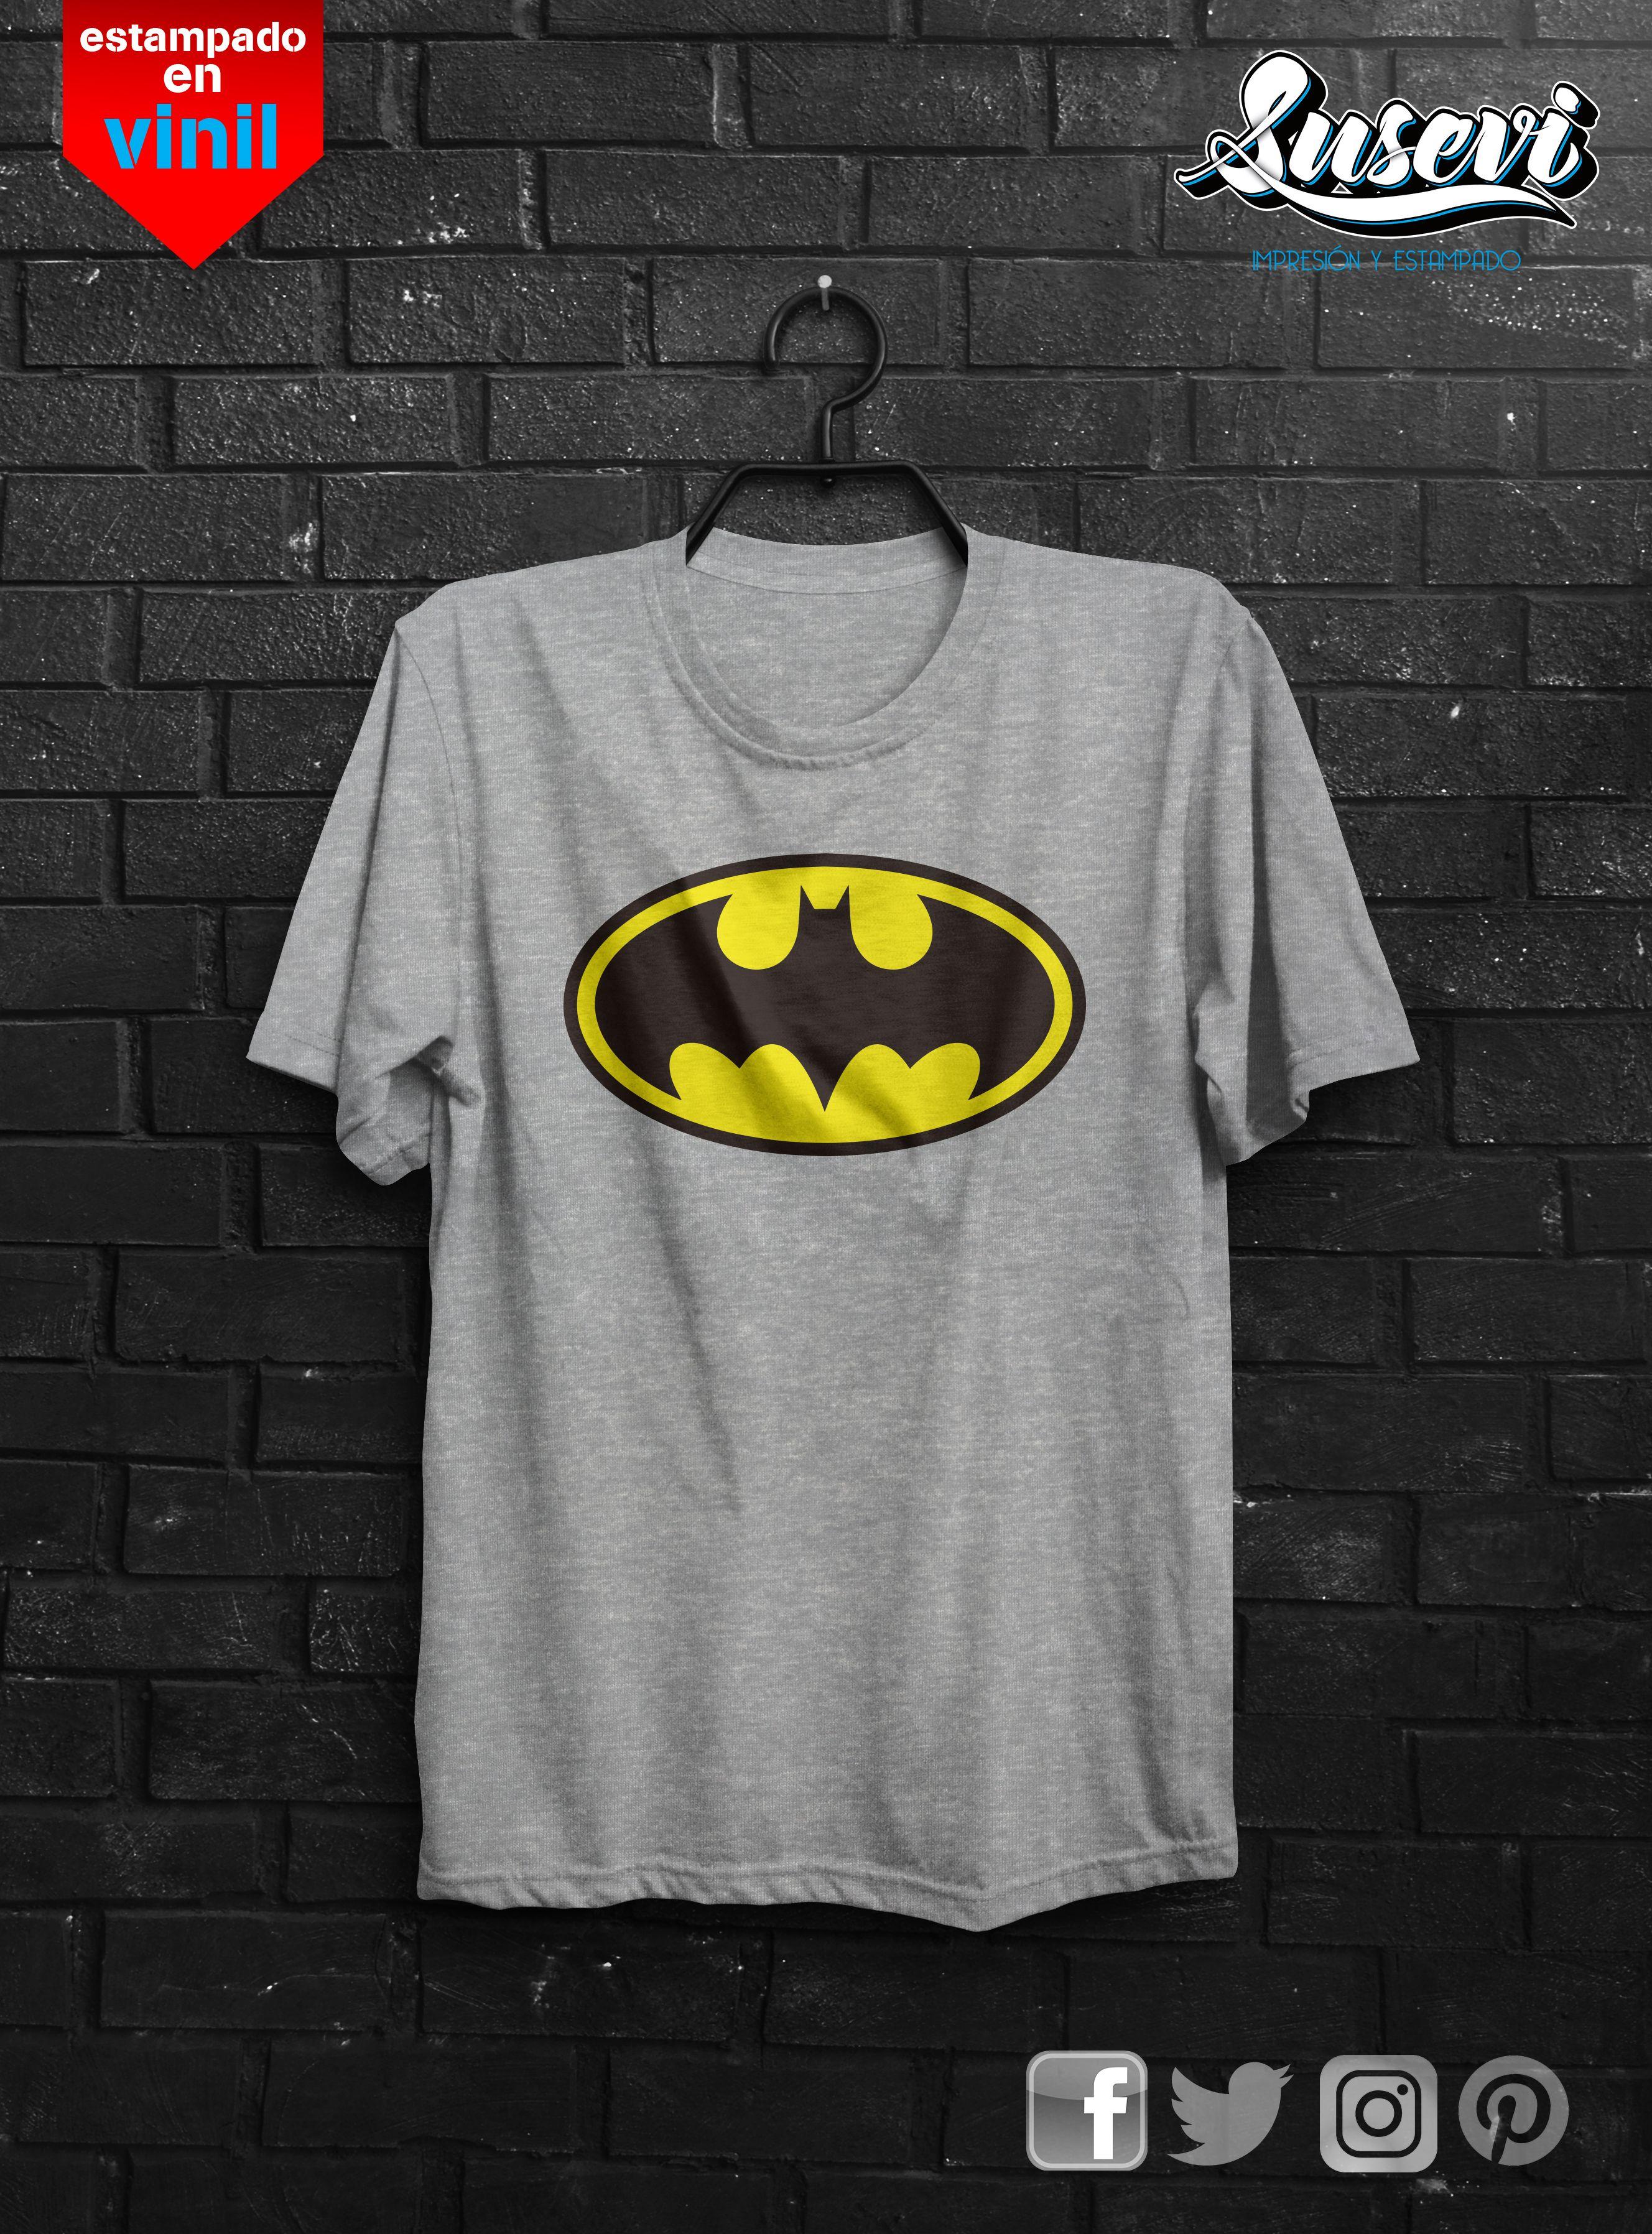 Playera personalizada-batman-hombre-estampados  comics  playeras  batman 90984a40fb7